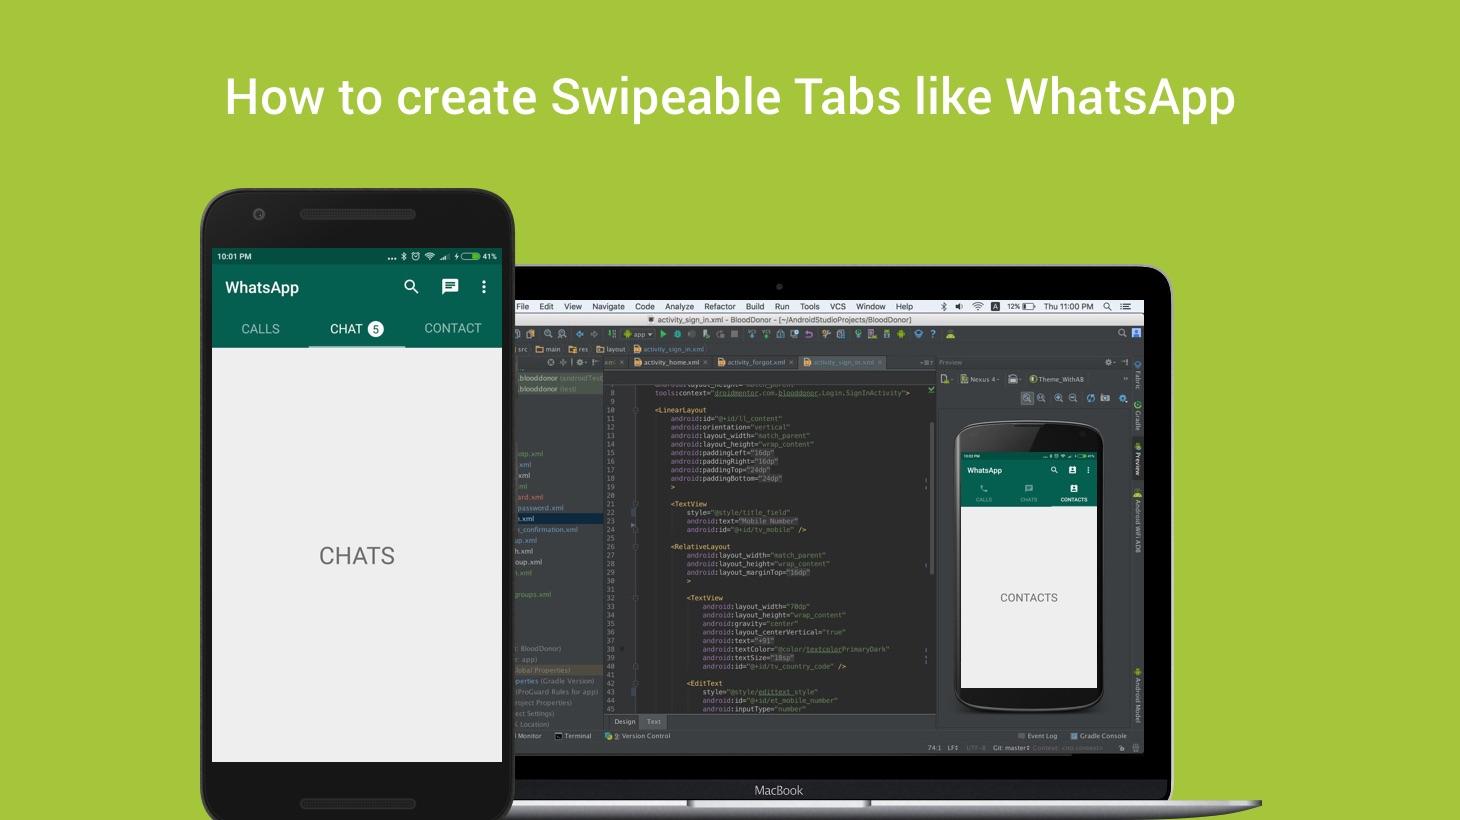 How to create Swipeable Tabs like WhatsApp